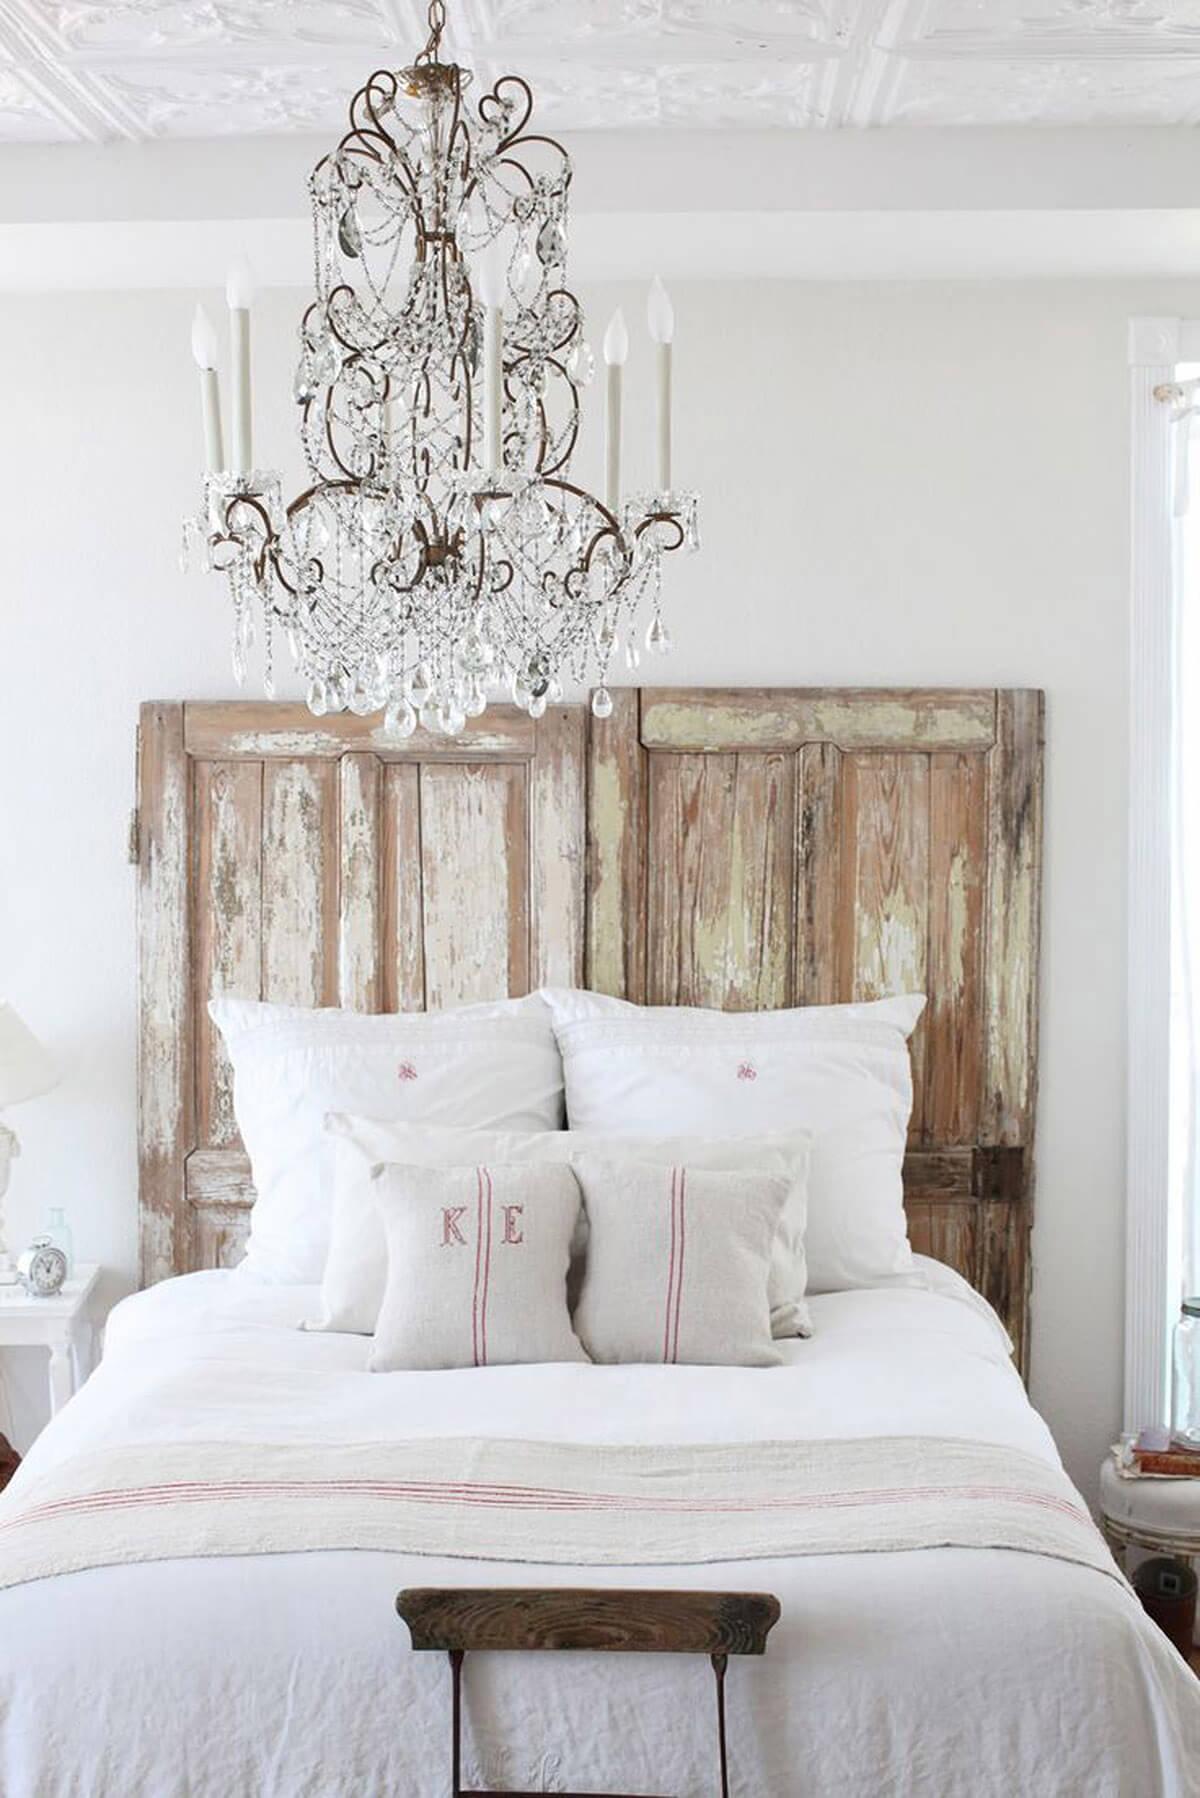 Tête de lit de porte de grange réutilisée pour ferme fantaisiste